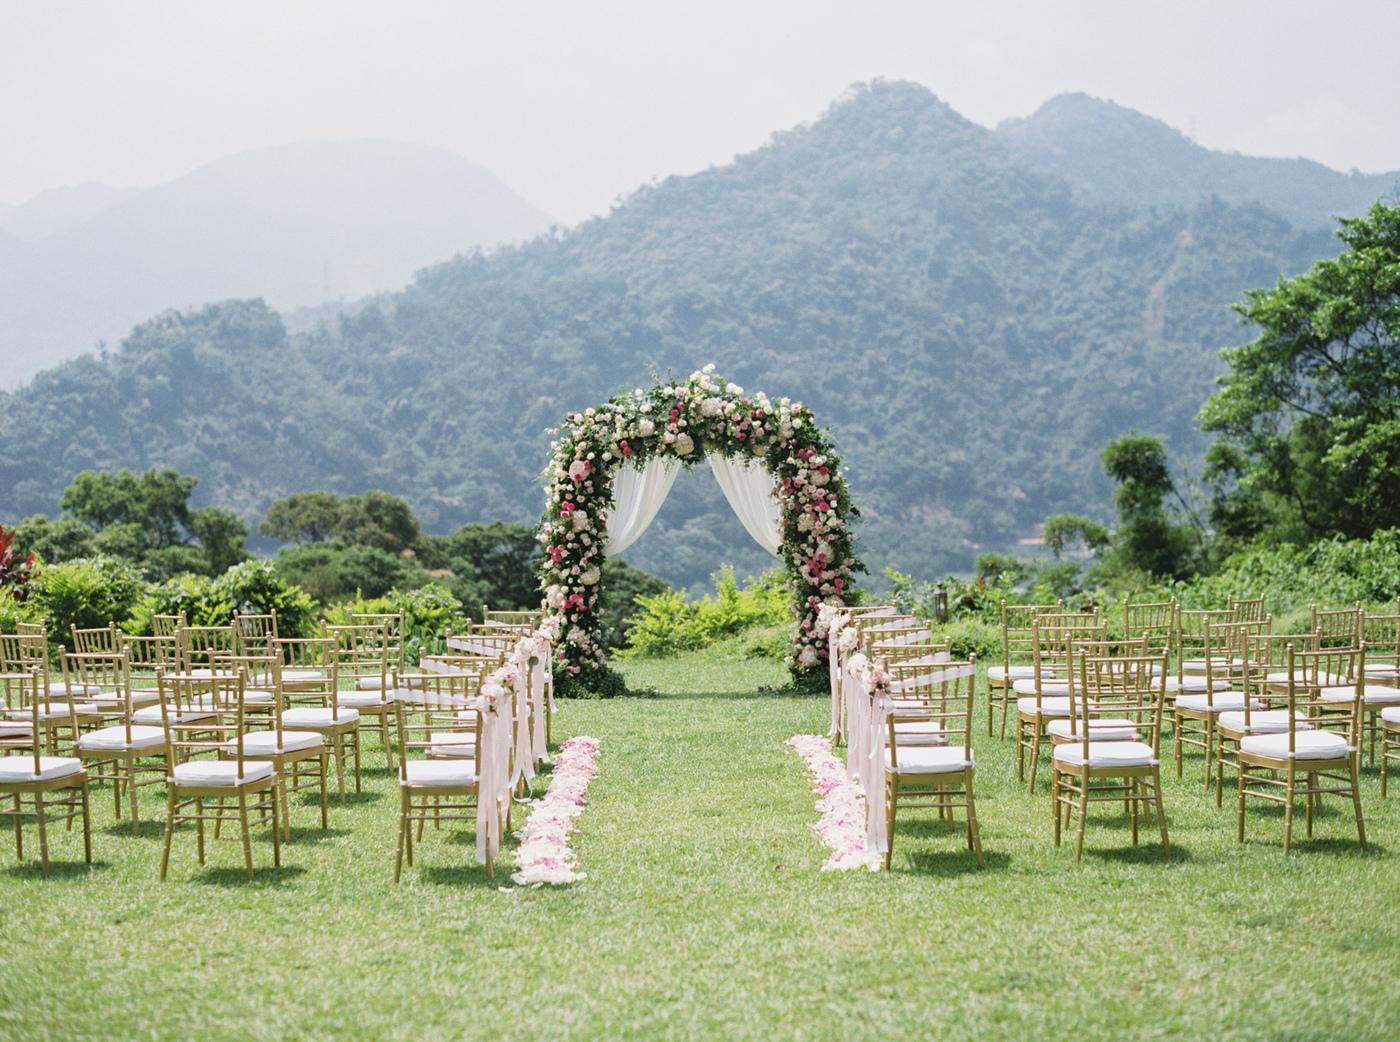 戶外美式婚禮場地-優聖美地鄉村渡假別墅-婚禮-stage